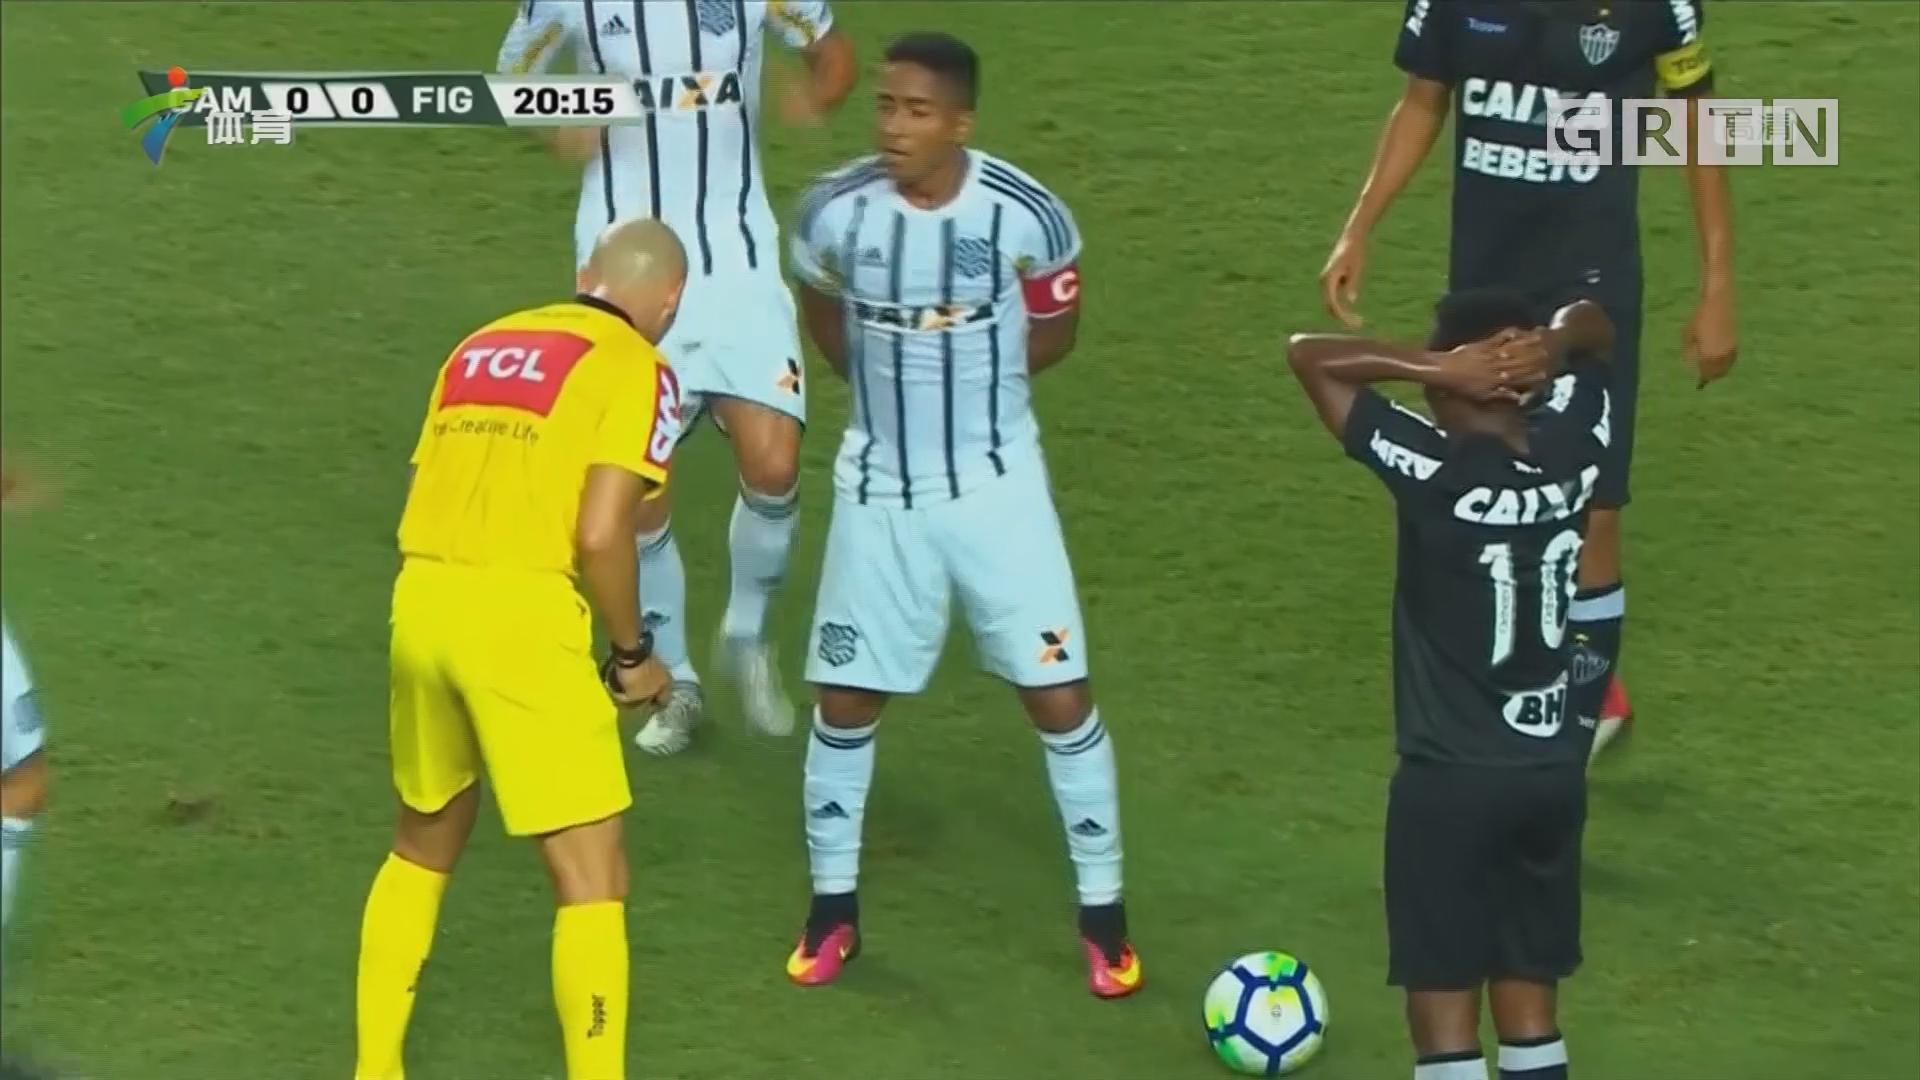 巴西杯第三轮——CAM vs FIG